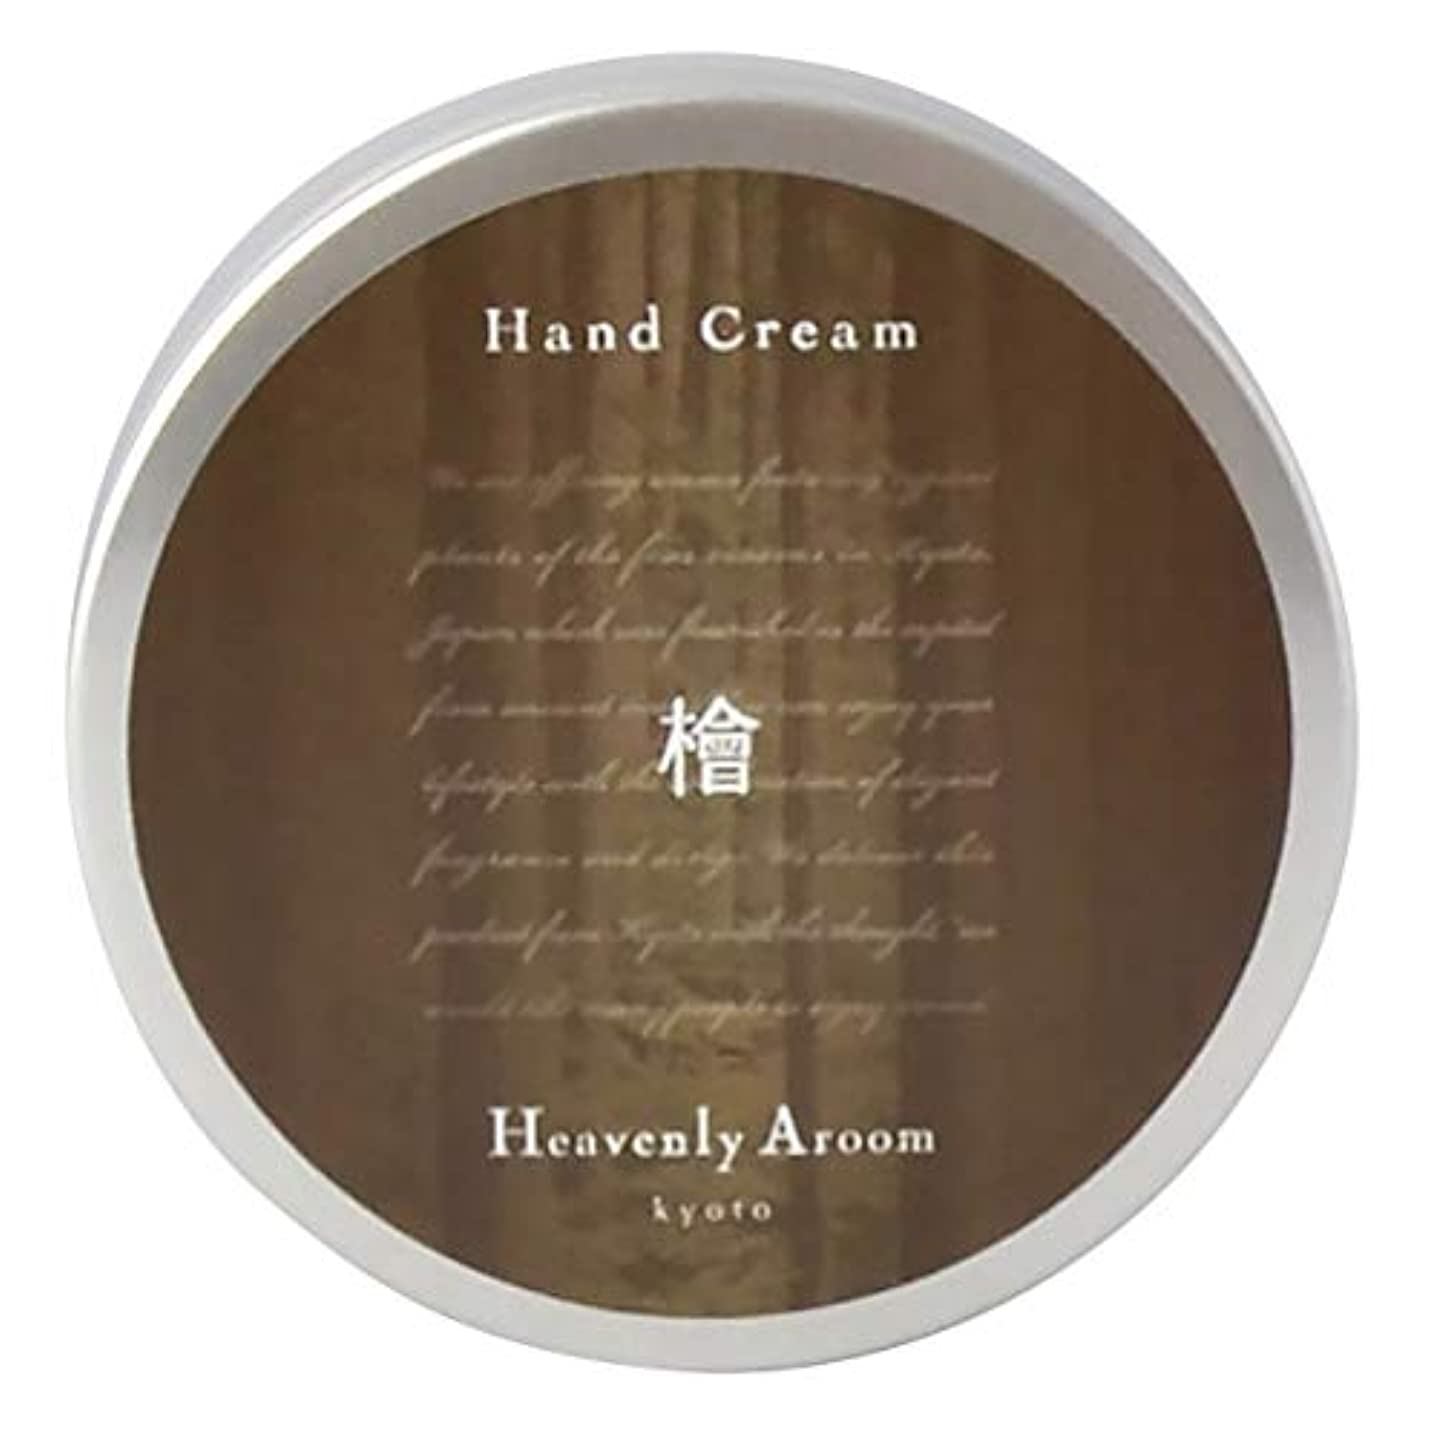 大胆人口微視的Heavenly Aroom ハンドクリーム 檜 30g